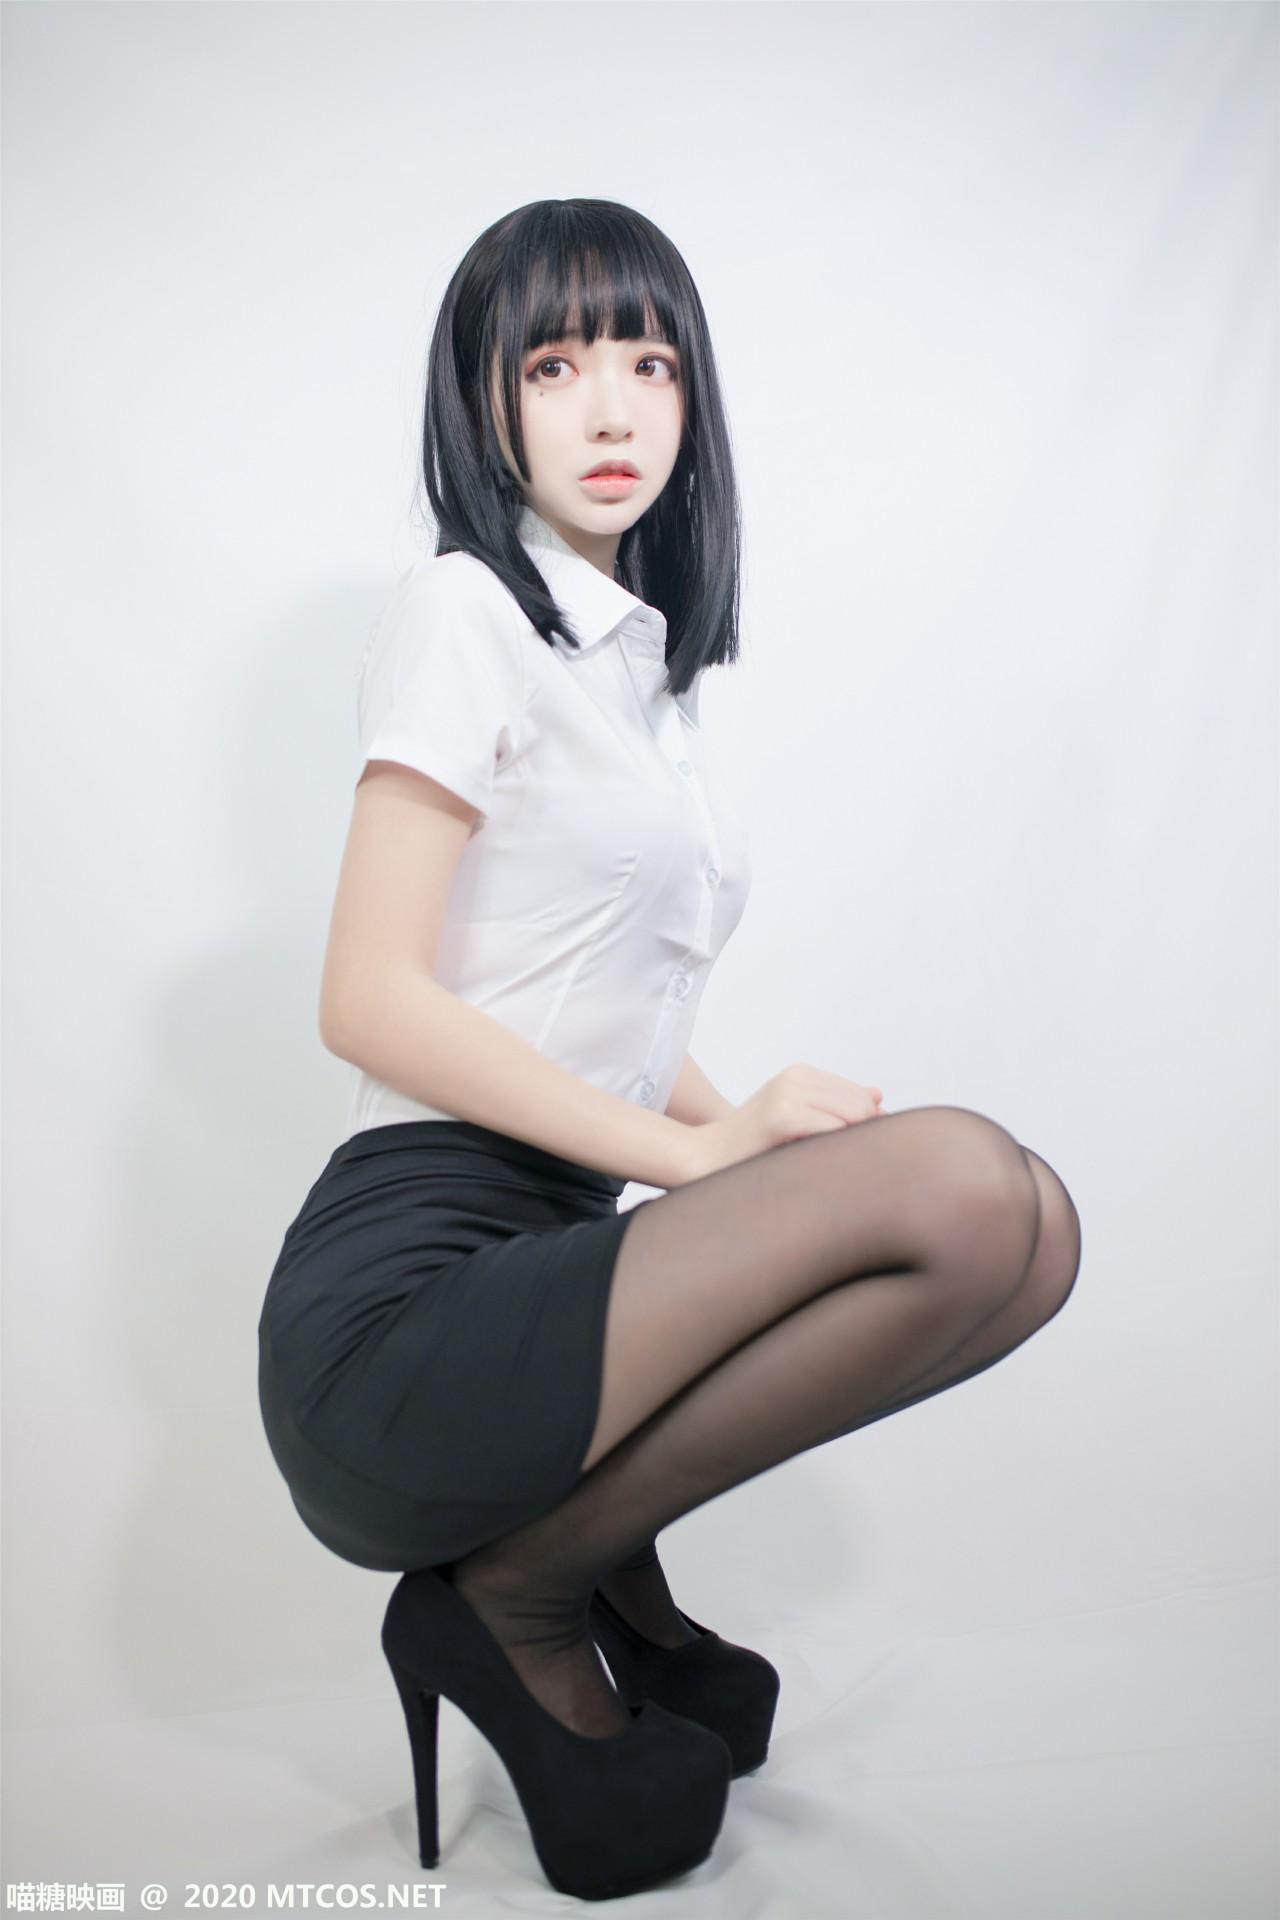 [喵糖映画] 2020.09.30 赏美系列 VOL.291 ol制服 第1张